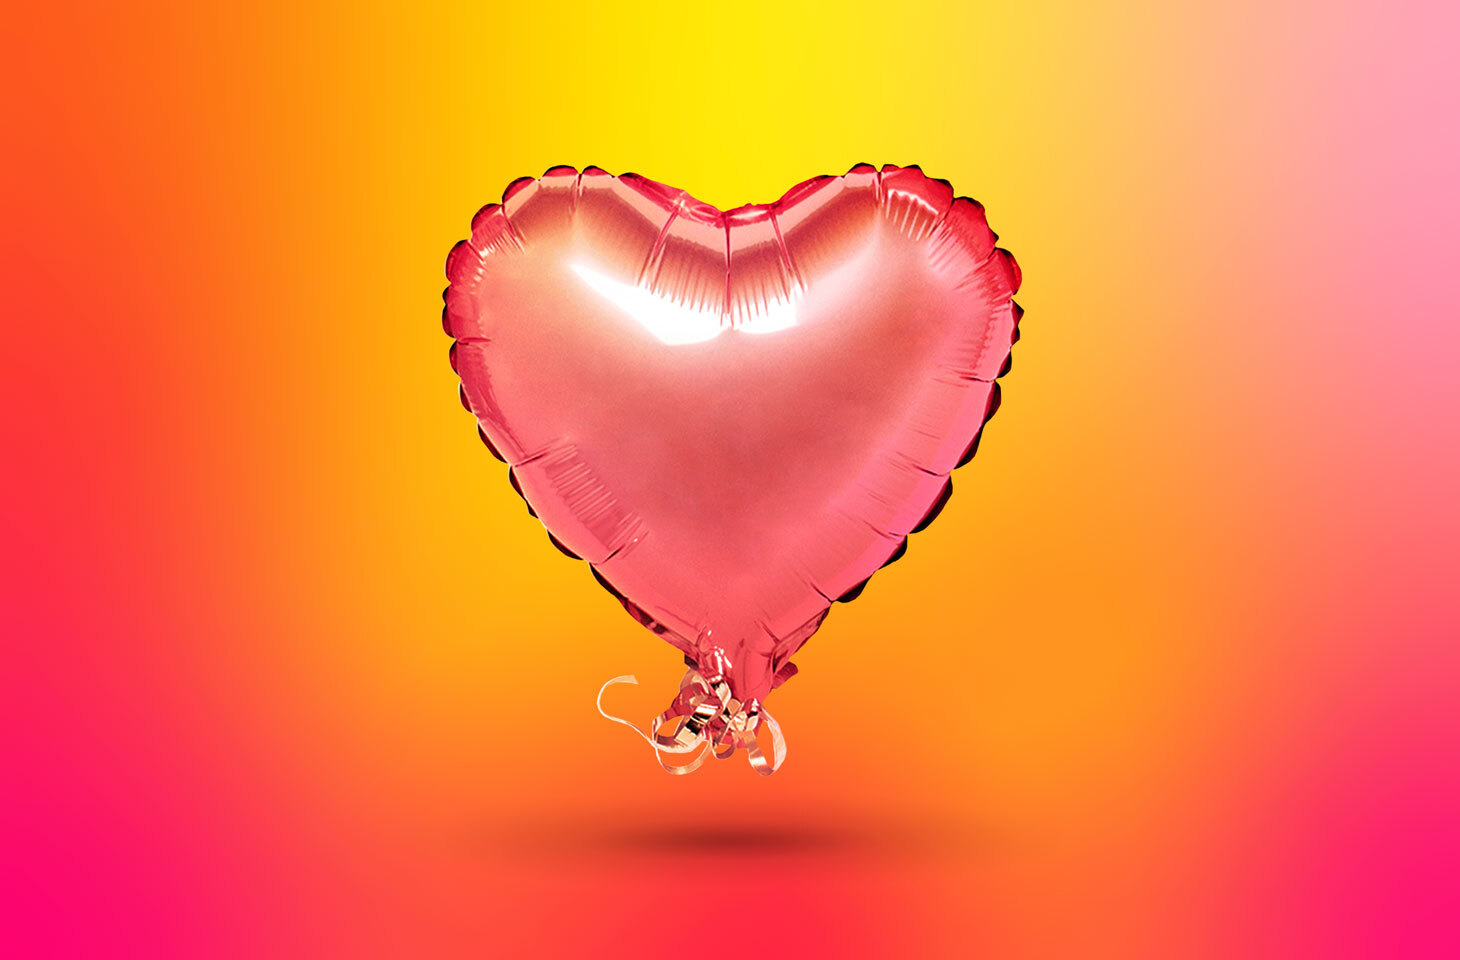 Tinder-Tipps für privates und sicheres Online-Dating